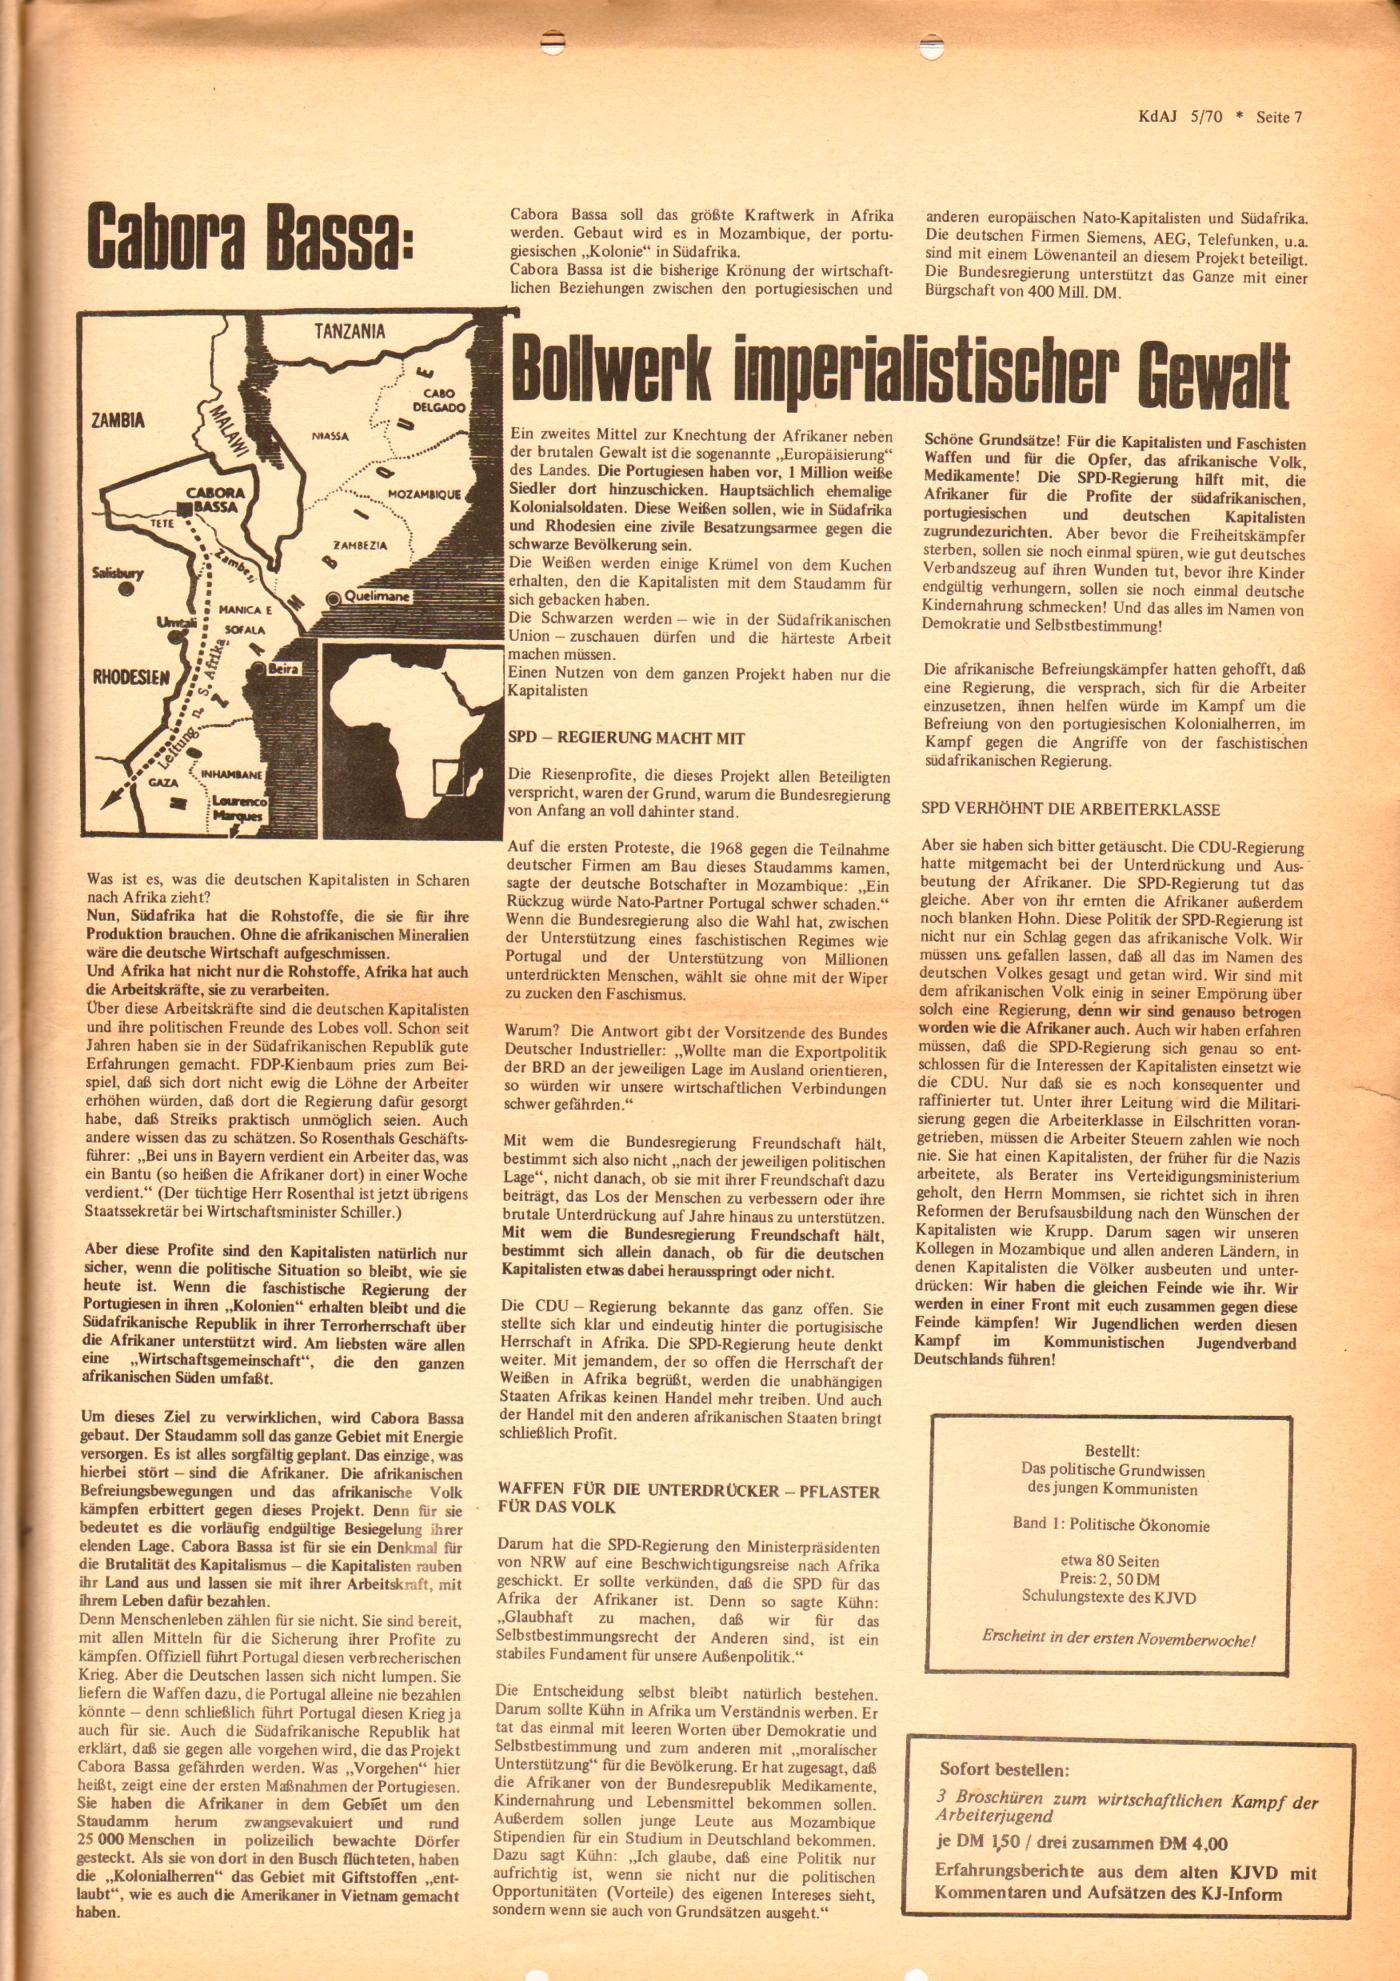 KDAJ, 1. Jg., November 1970, Nr. 5, Seite 7